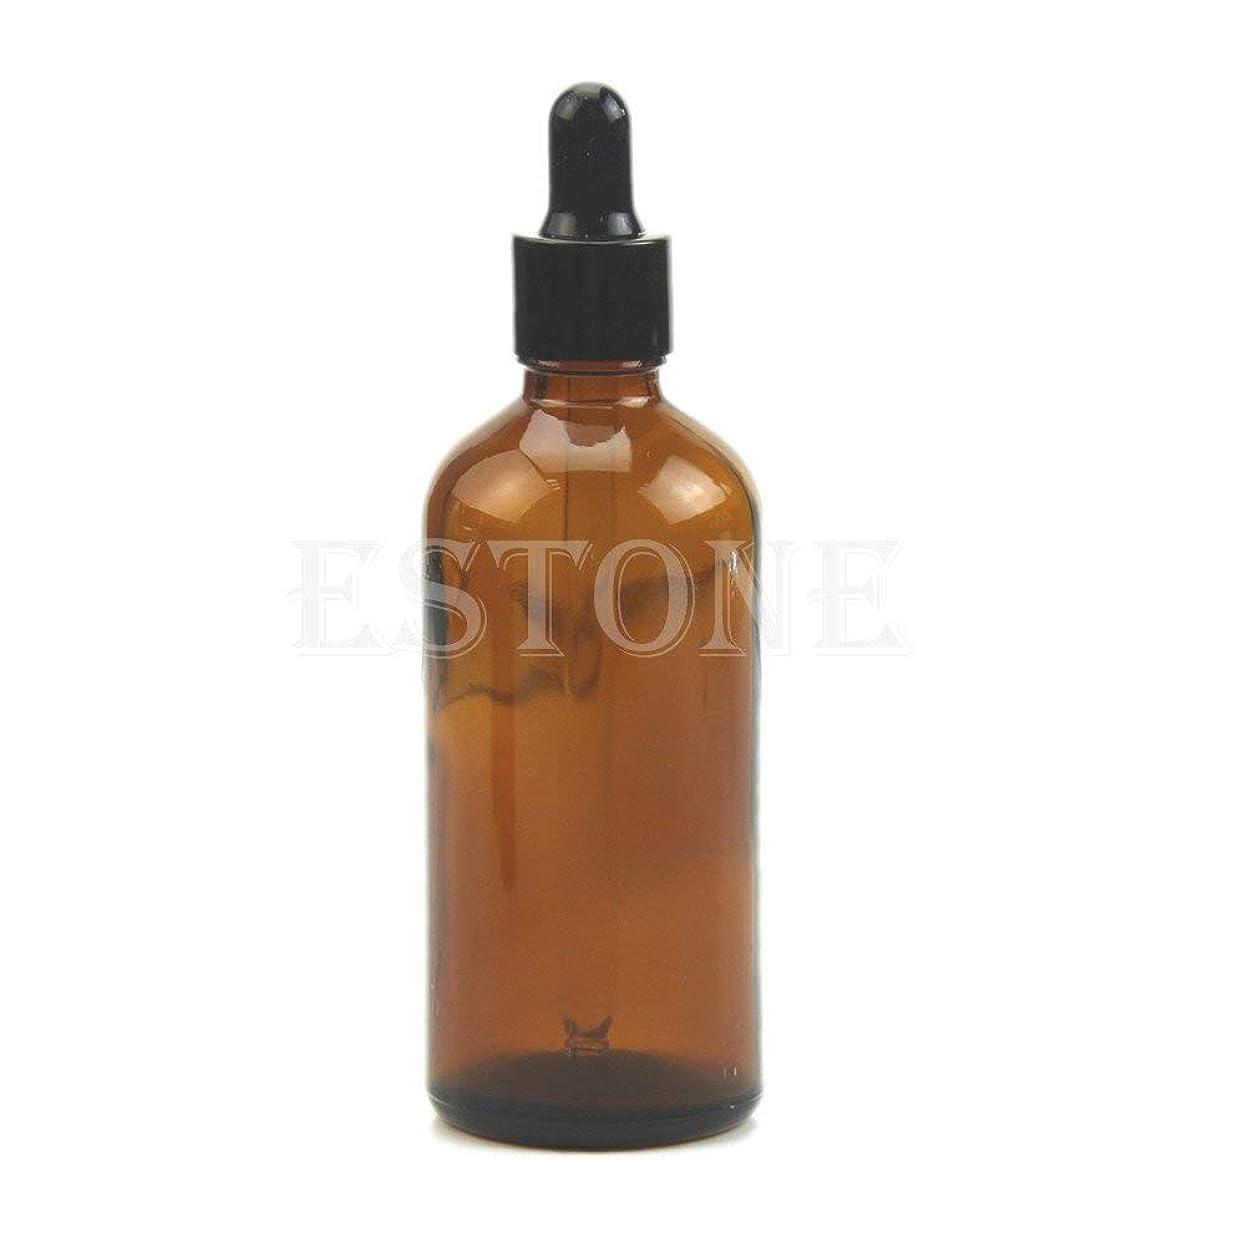 その他刺繍勧告SimpleLife 100mlアンバーガラス液剤ピペット瓶アイドロップアロマテラピー(容量:100ML)